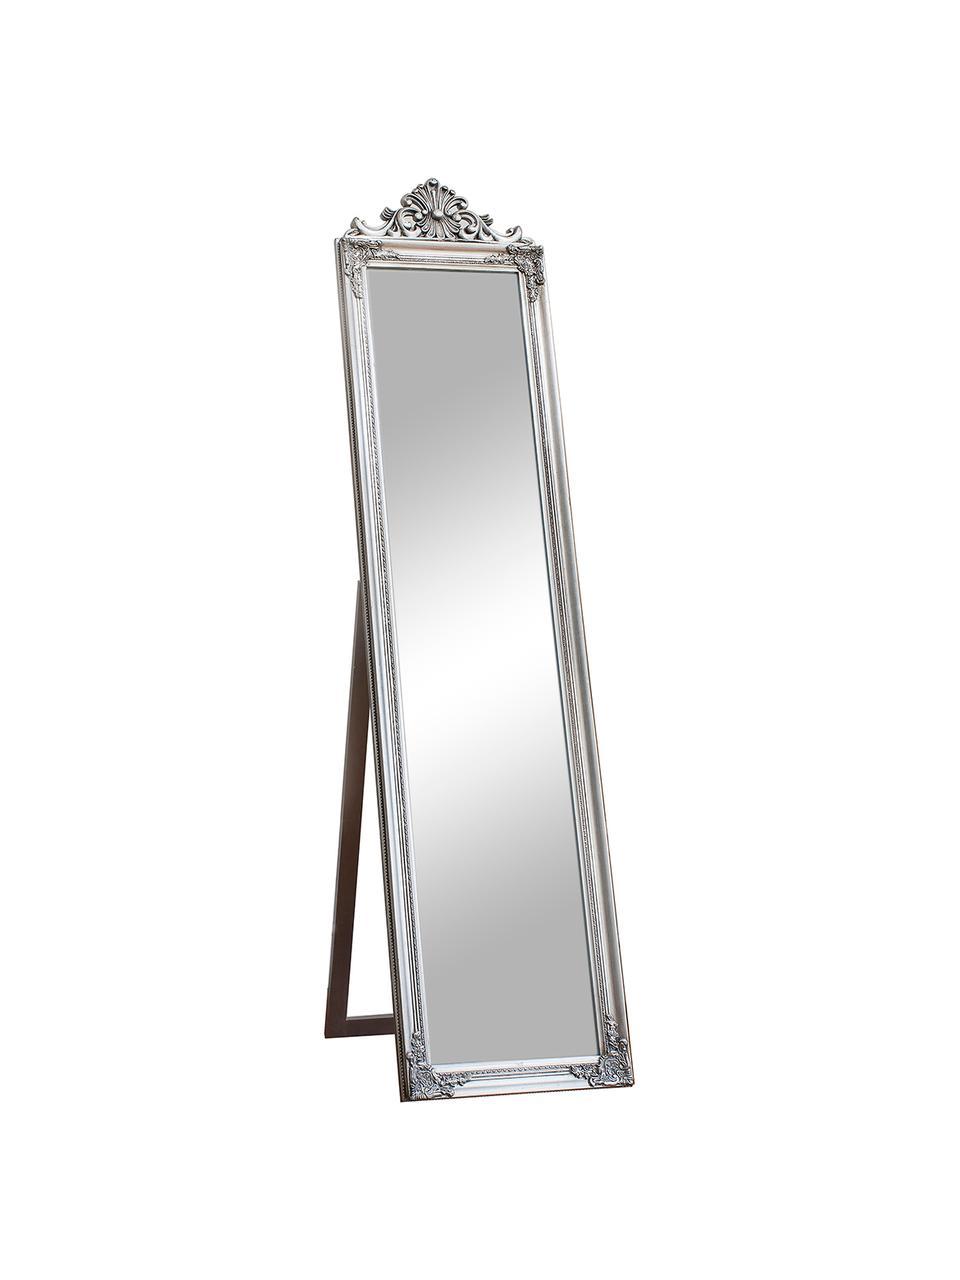 Eckiger Standspiegel Lambeth mit silbernem Kunststoffrahmen, Rahmen: Polyresin, Spiegelfläche: Spiegelglas, Silberfarben, 46 x 79 cm